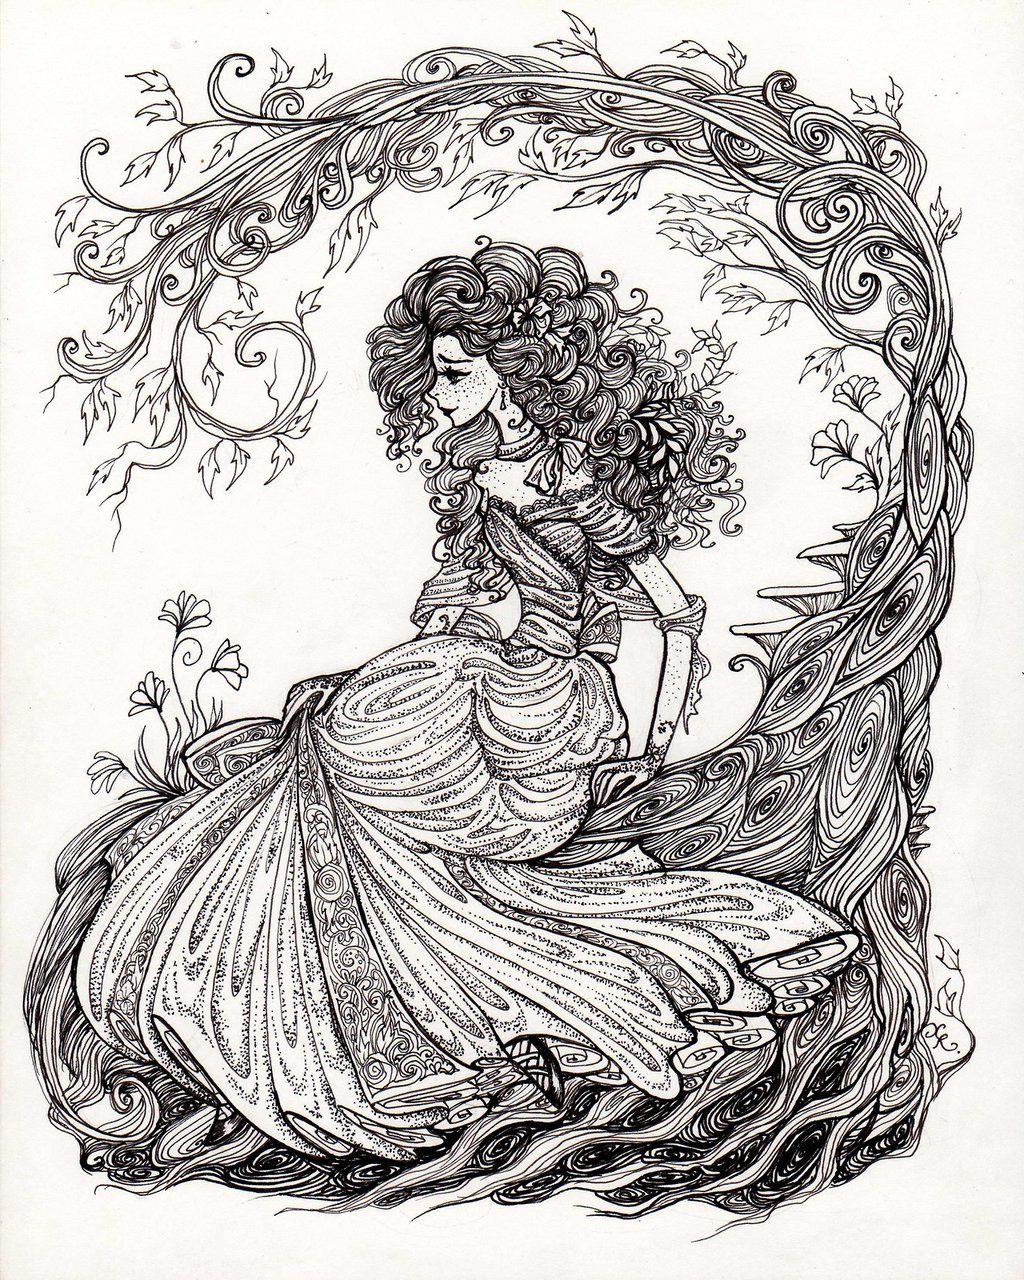 Serenity by La-Chapeliere-Folle.deviantart.com on @deviantART